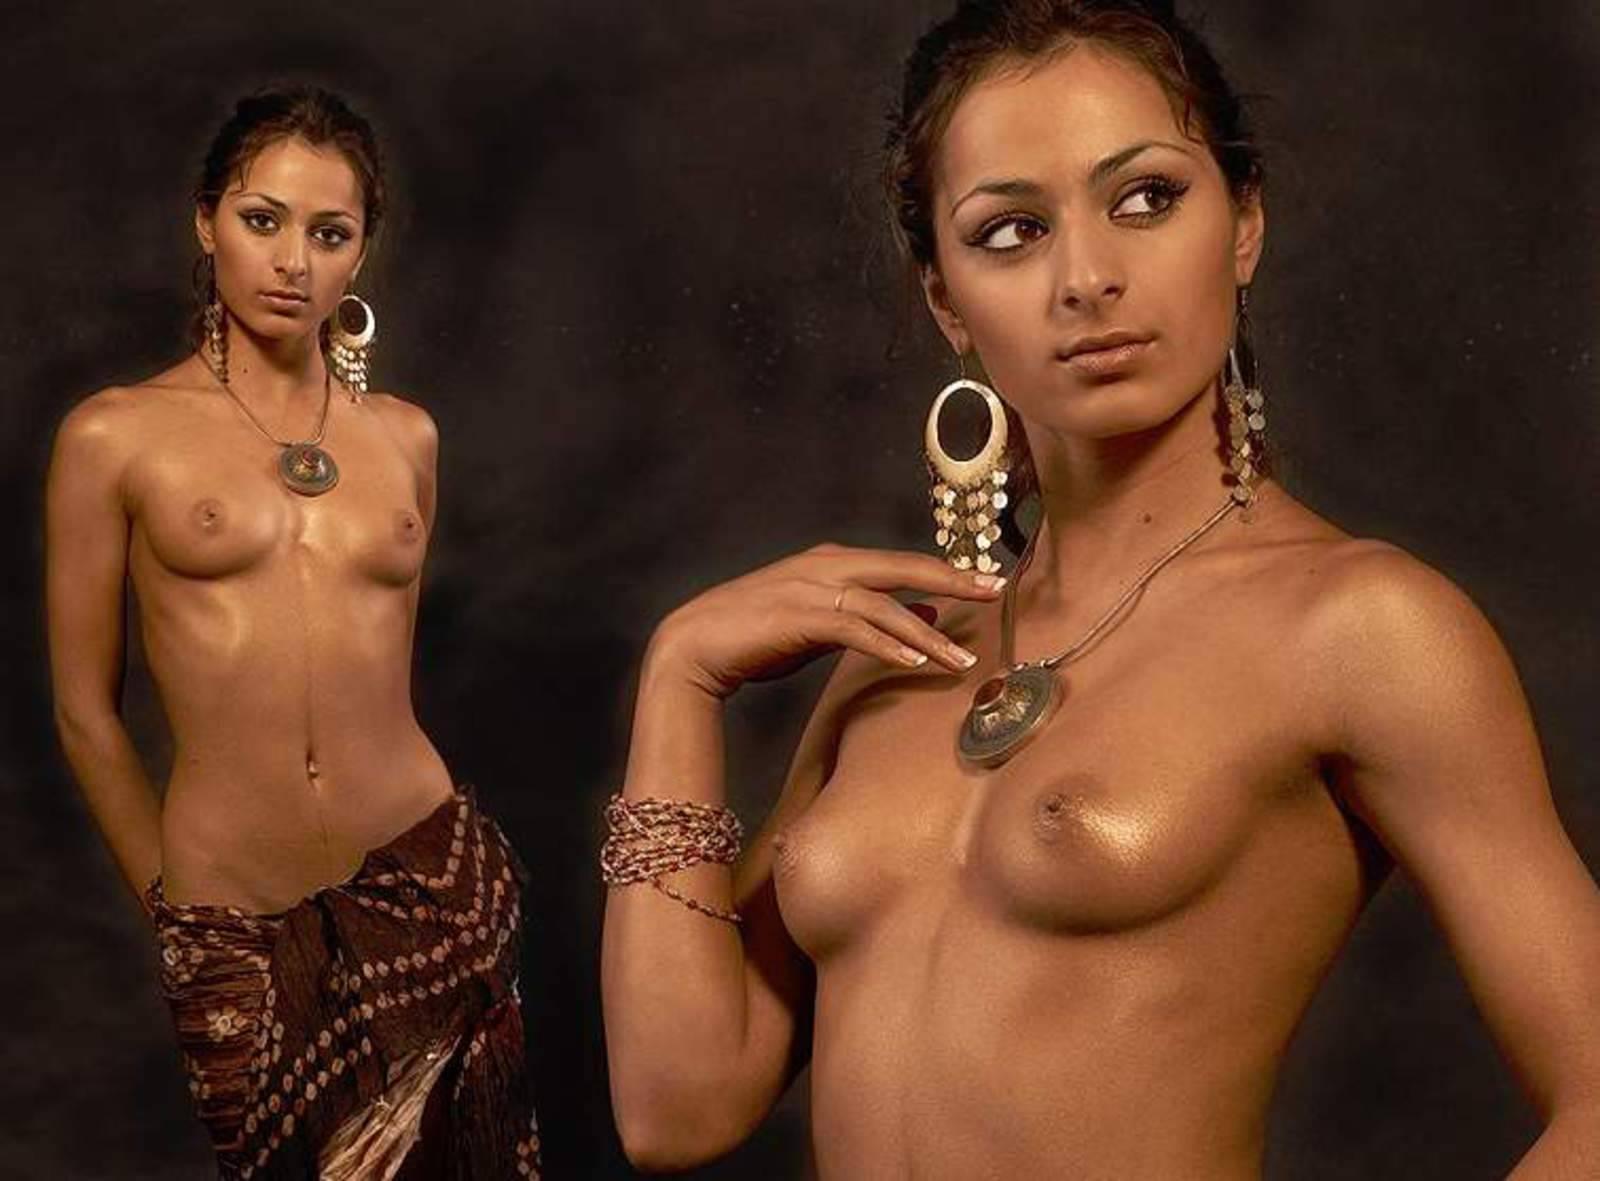 смотреть порно индианок онлайн бесплатно